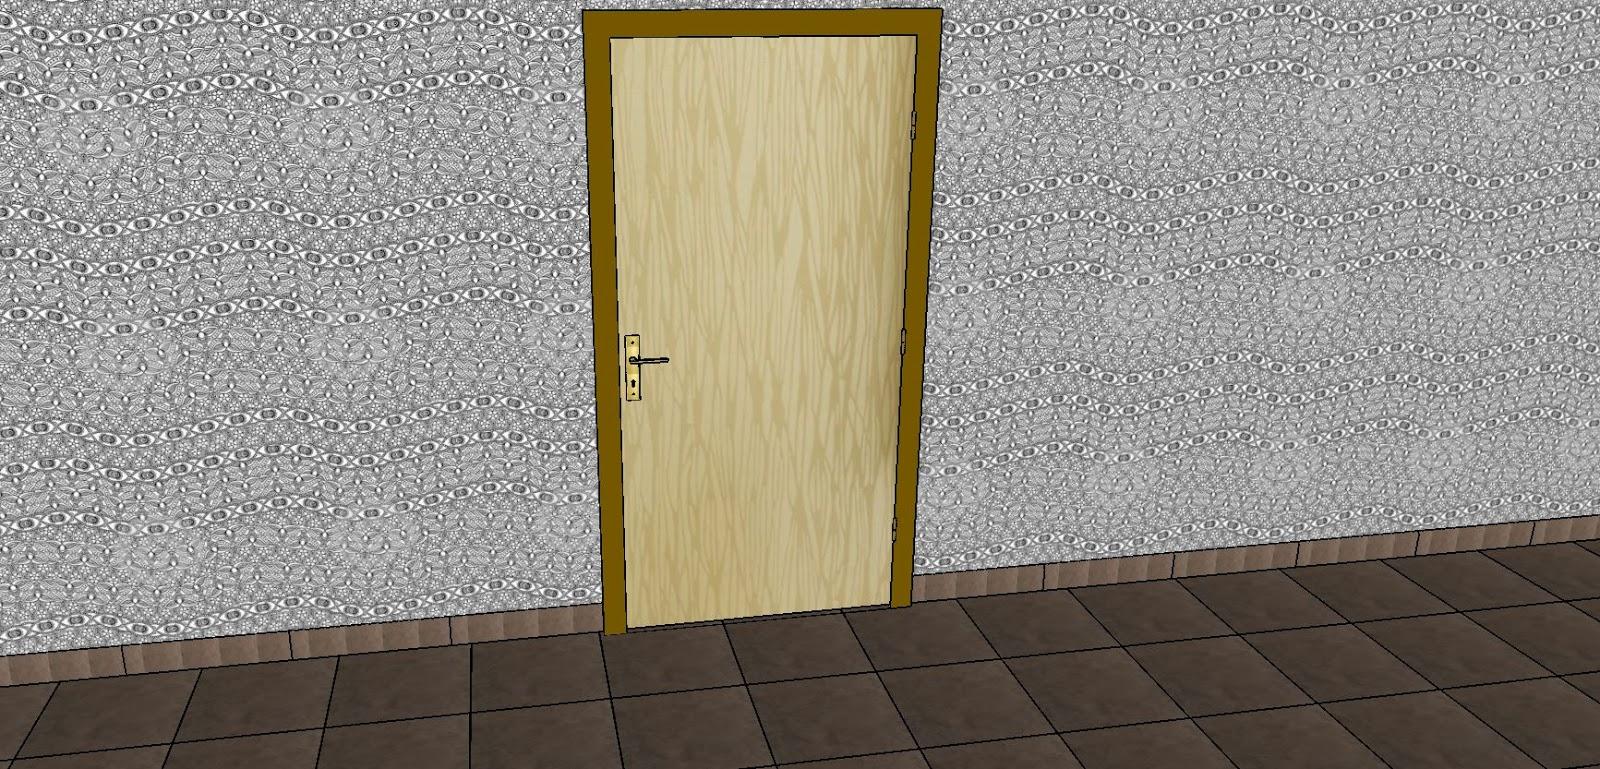 serrurerie comment faire changer un cylindre de serrure de porte. Black Bedroom Furniture Sets. Home Design Ideas